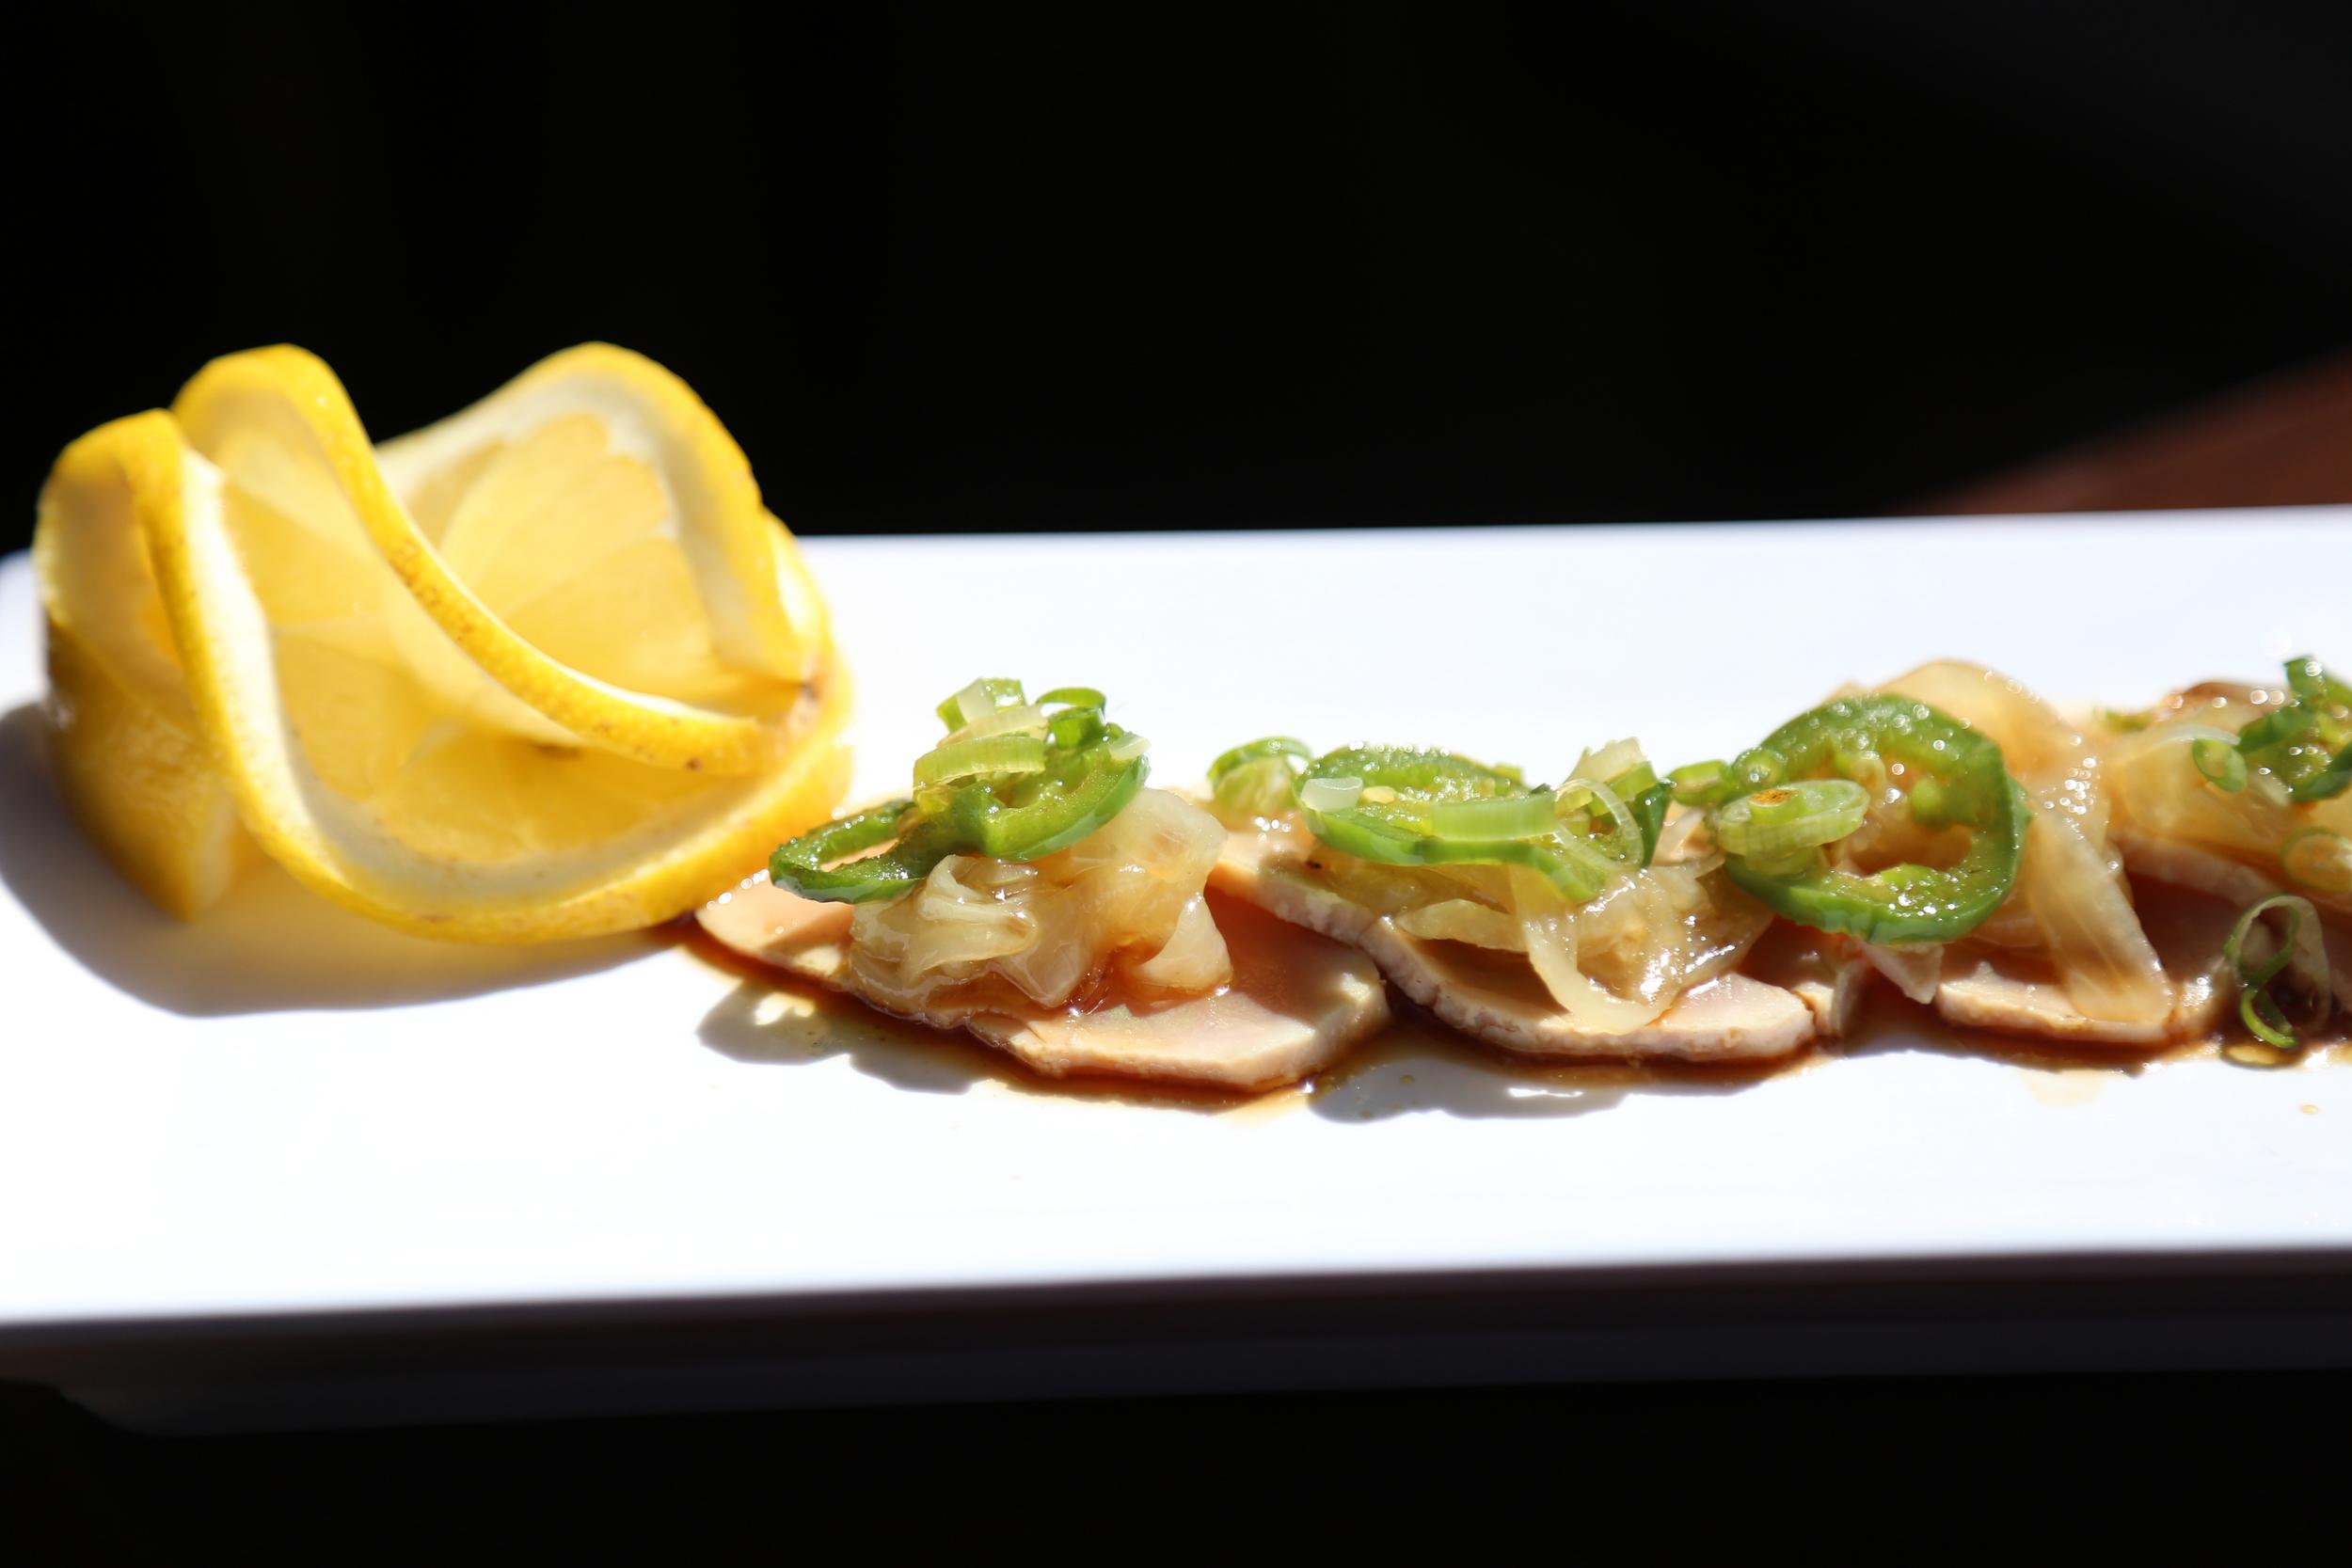 Flavor-nakedfish-pic5-4-21.jpg